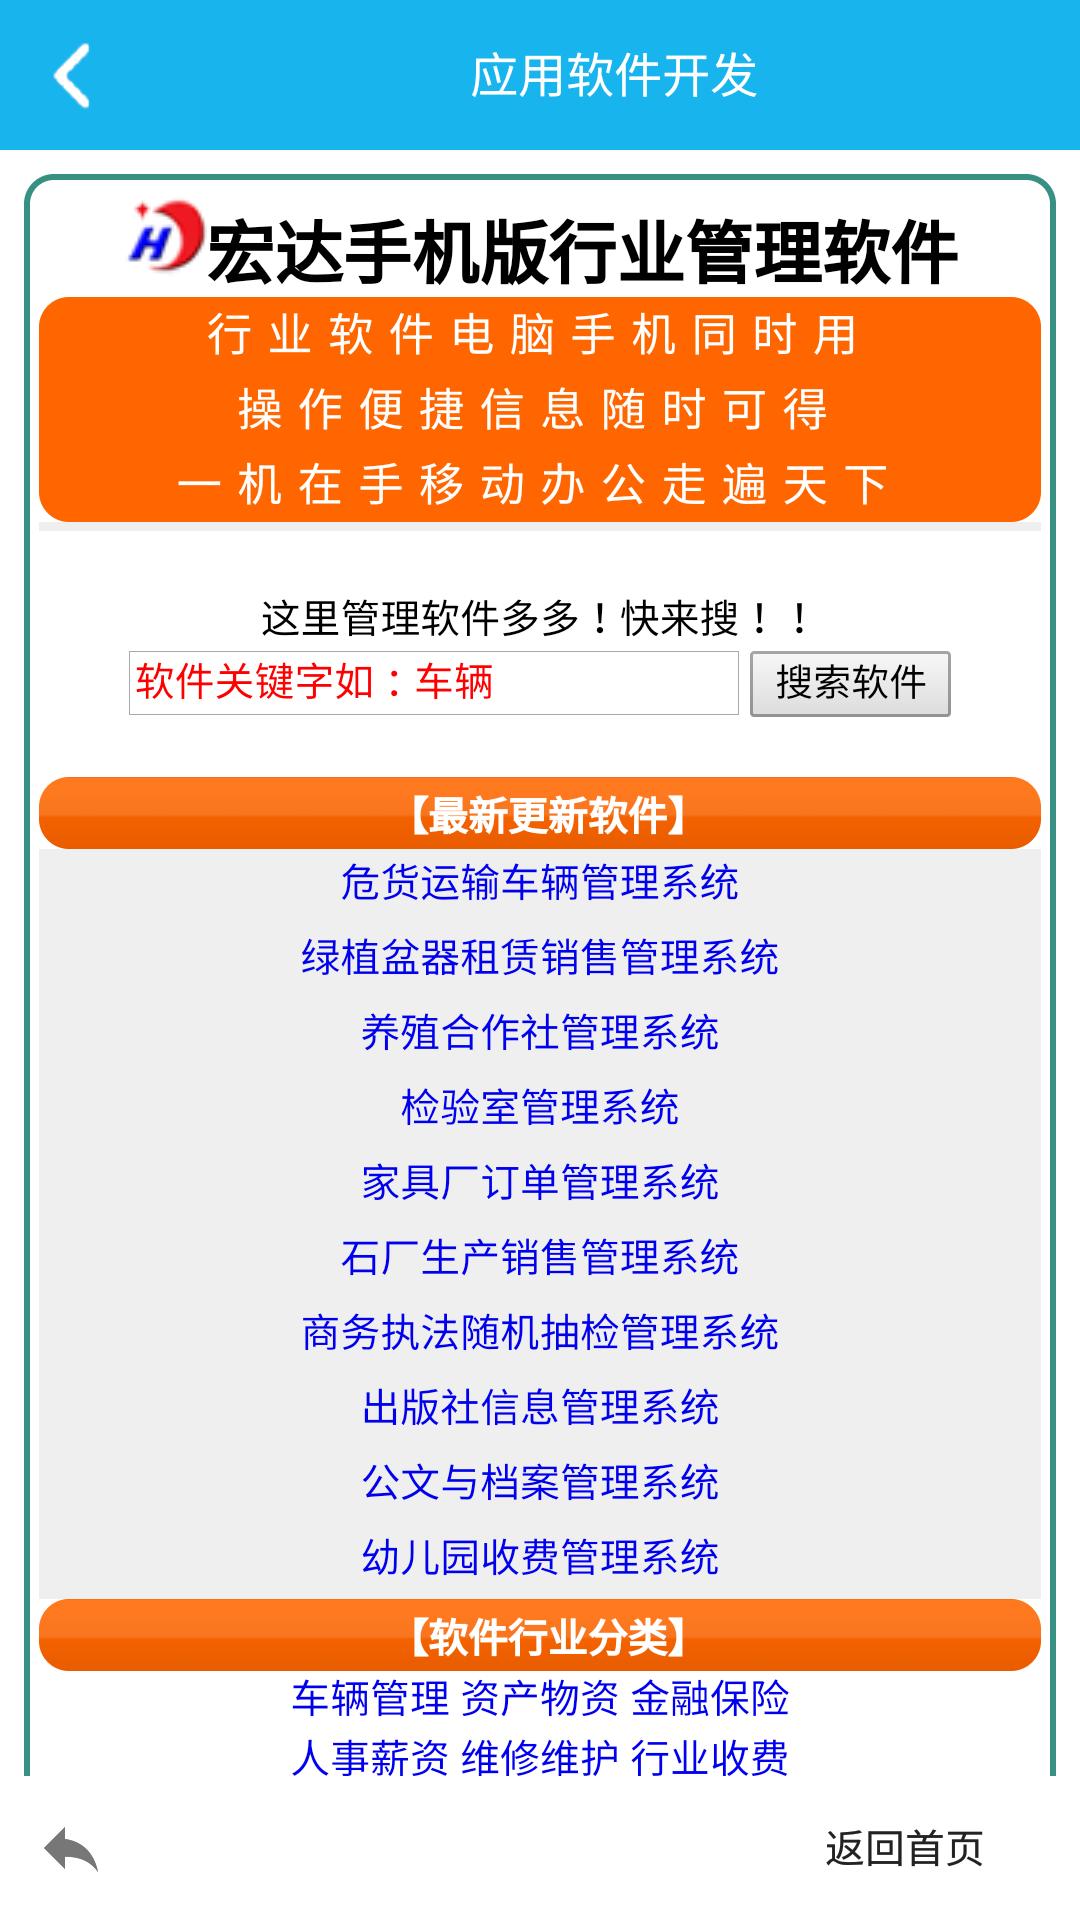 保险档案管理系统